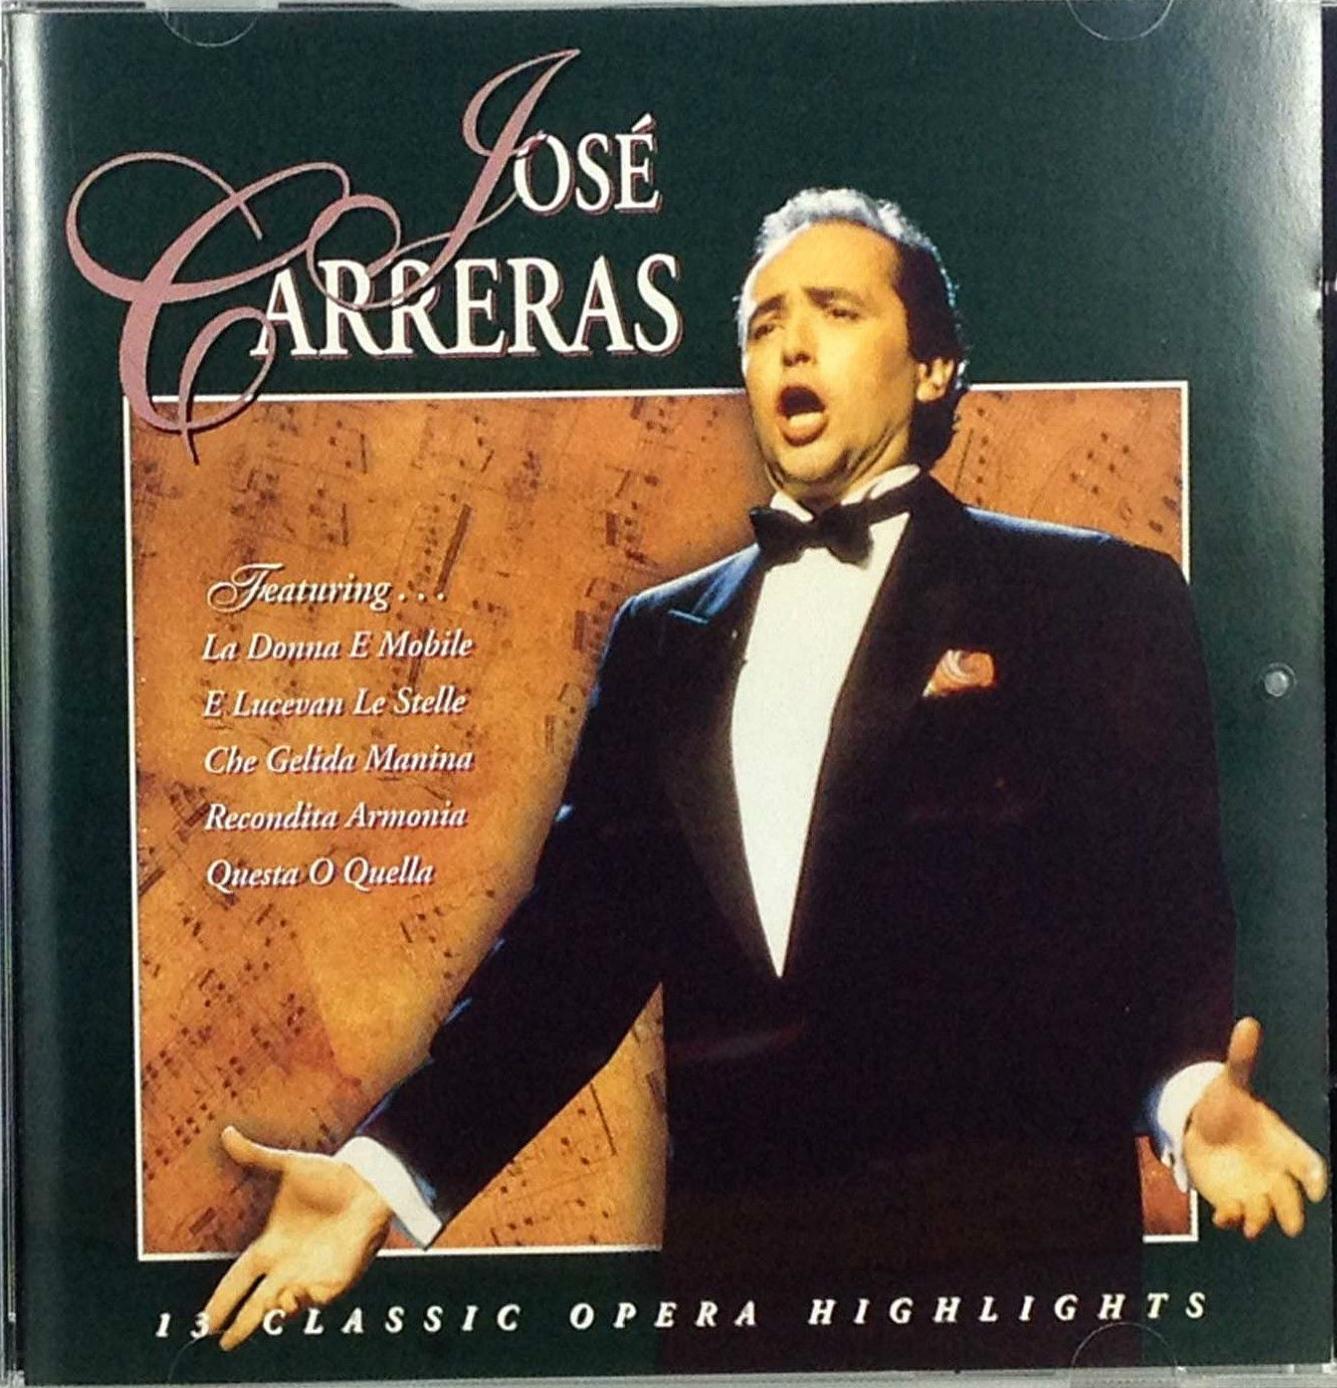 José Carreras 13 Classic Opera Highlights